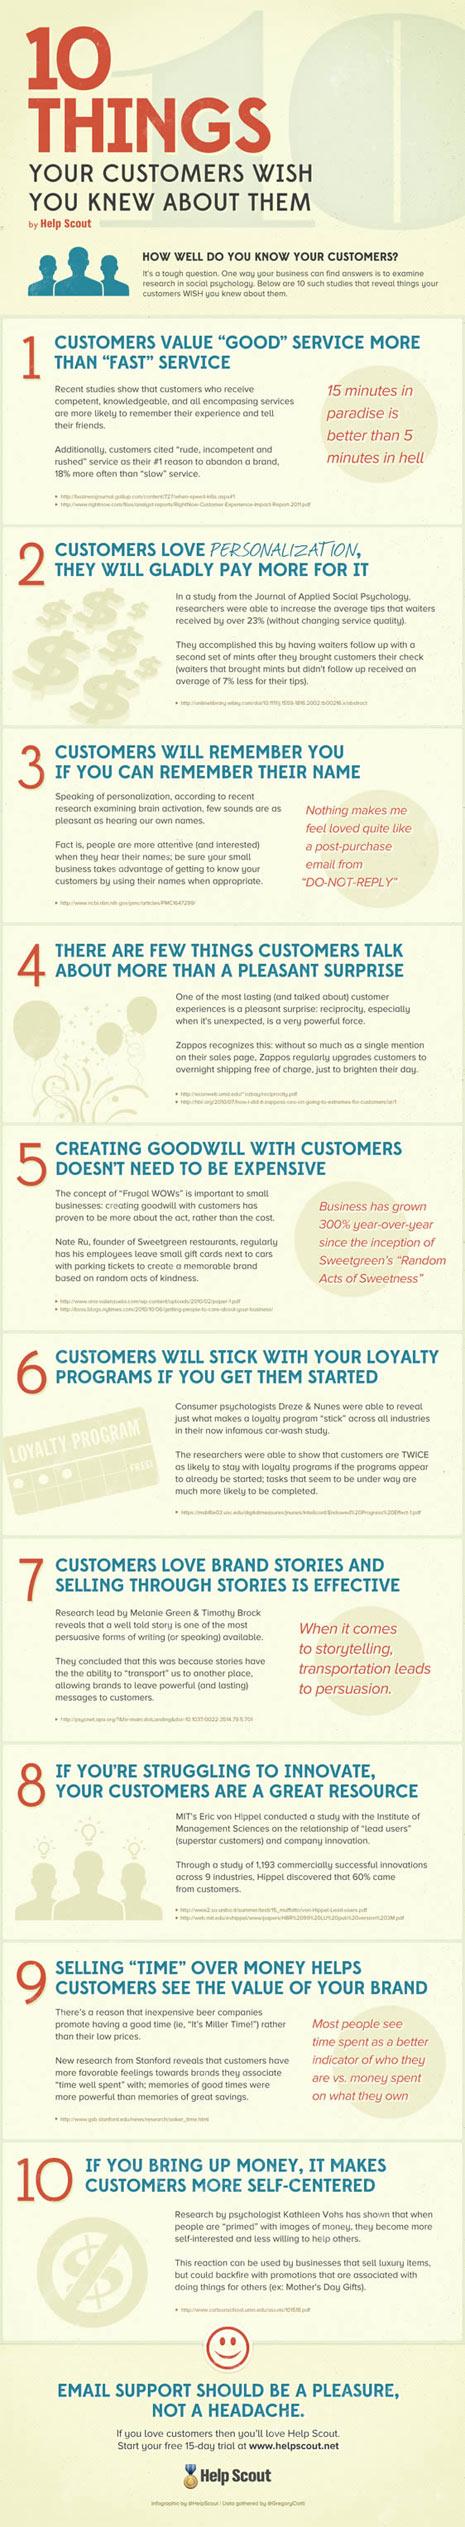 Los consumidores quieren que usted sepa de ellos tanto como ellos saben de su marca